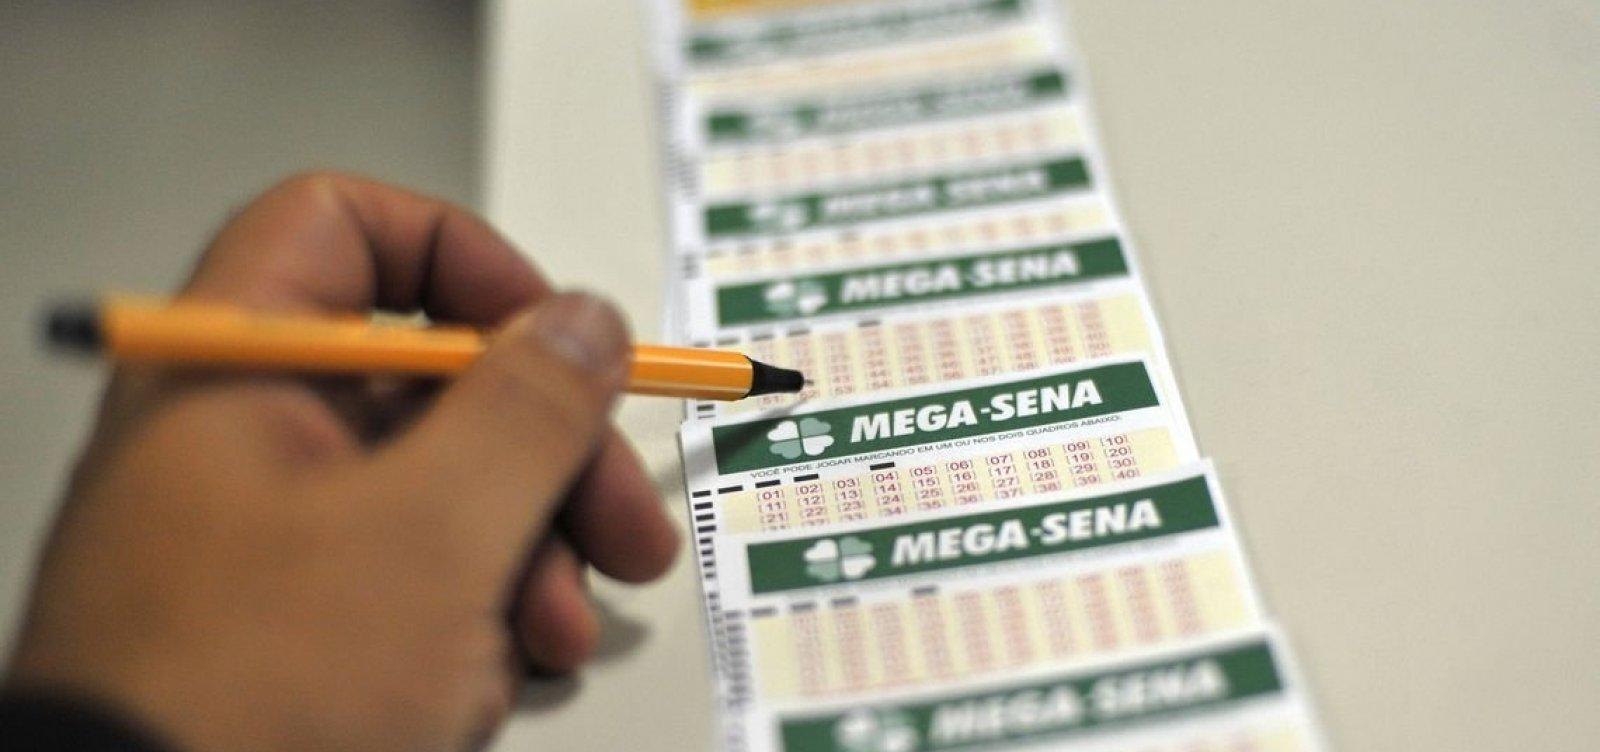 [Mega-Sena tem maior número de acúmulos da história após 13 sorteios sem vencedor]